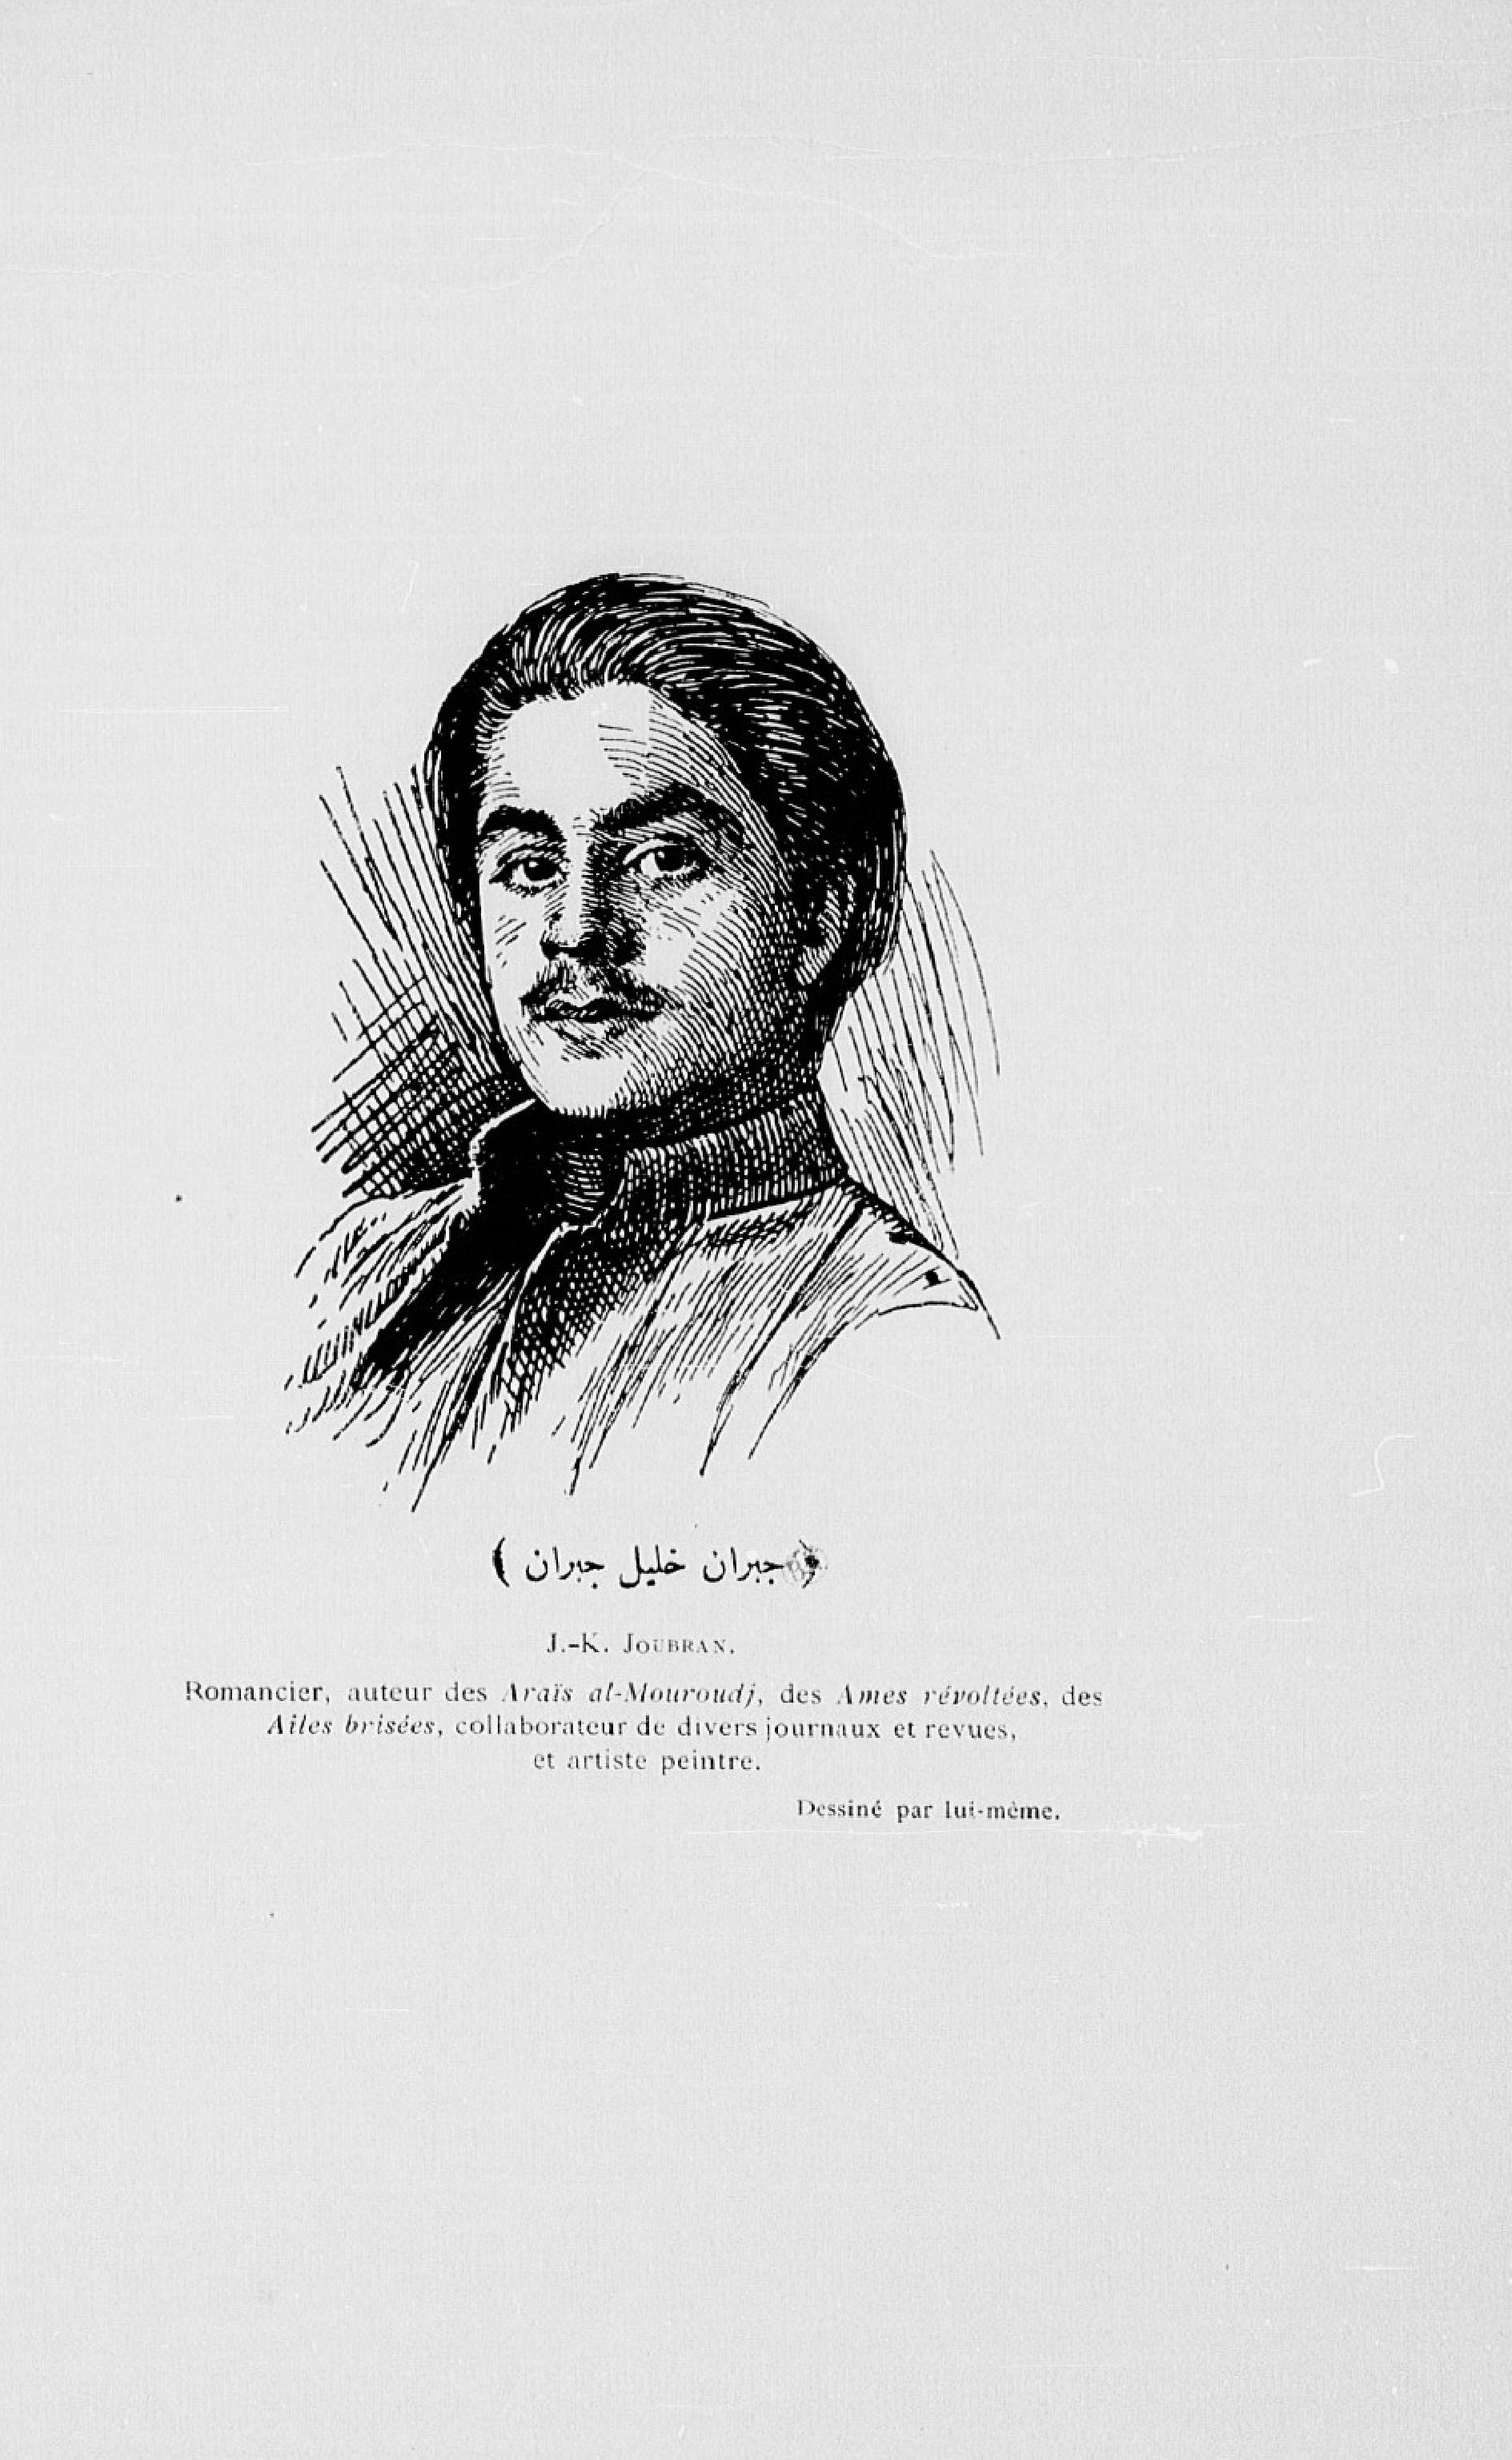 Khairallah Tannous Khairallah, La Syrie, Paris: Ernest Leroux, 1912.